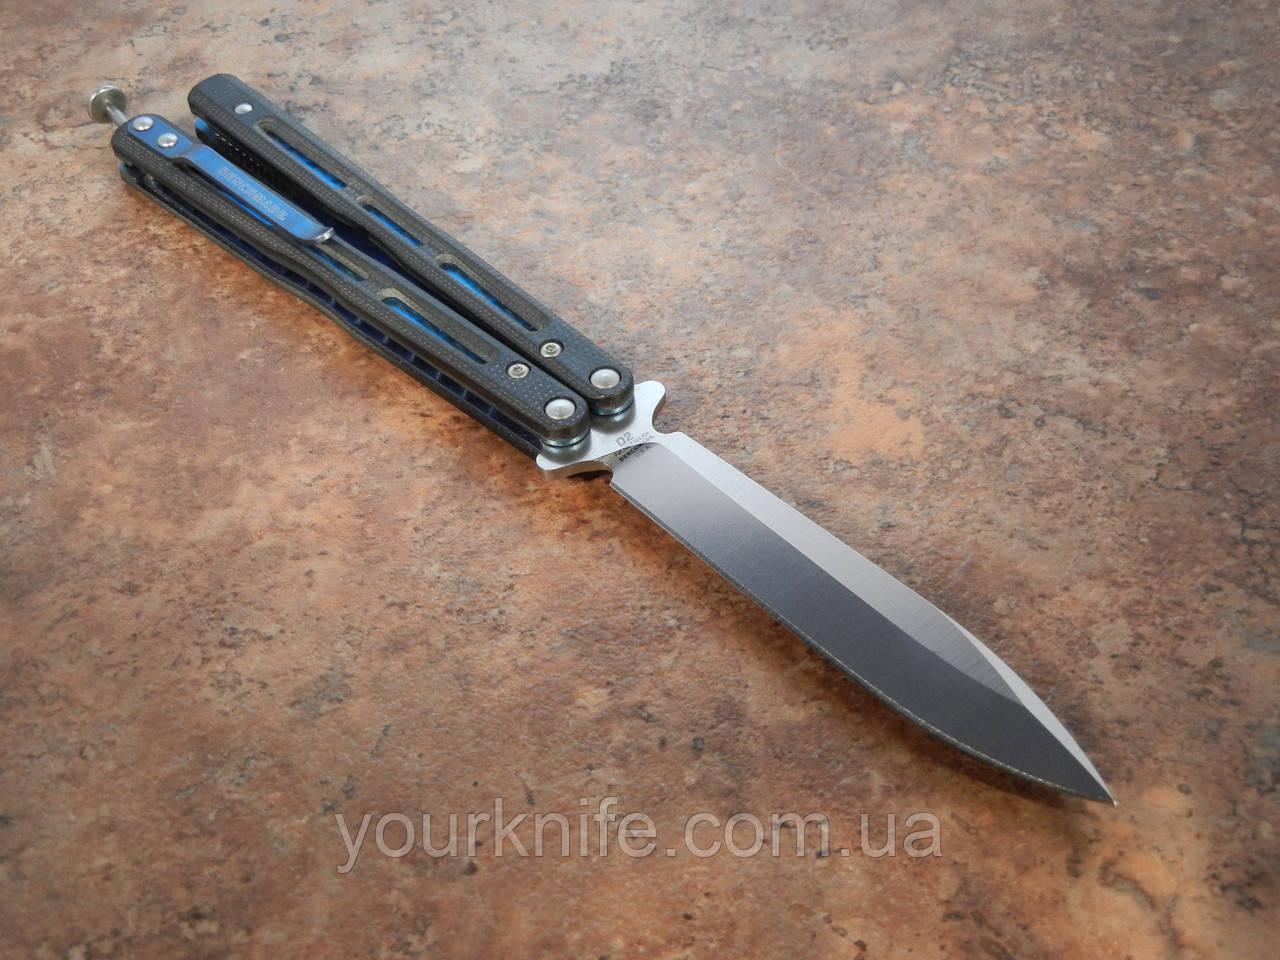 Нож бабочка Benchmade Morpho 51